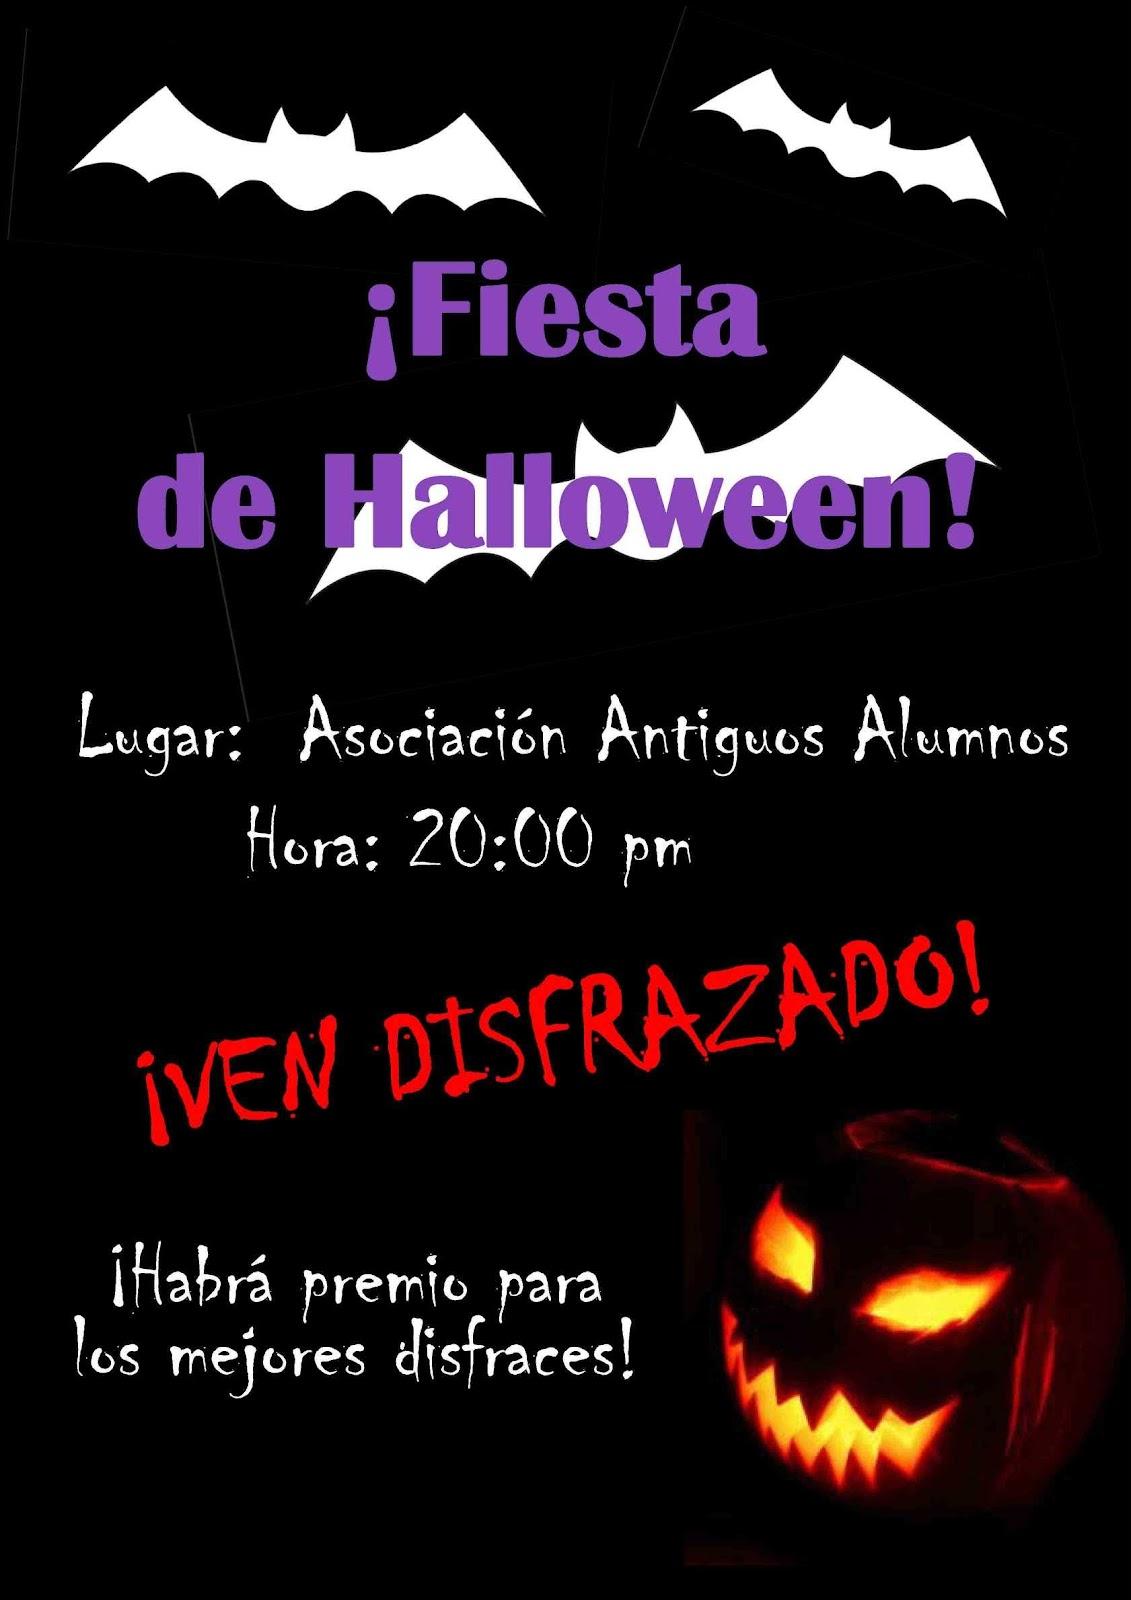 Halloween el 31 de octubre asociaci n antiguos alumnos de don bosco de sevilla trinidad - La casa de los disfraces sevilla montesierra ...